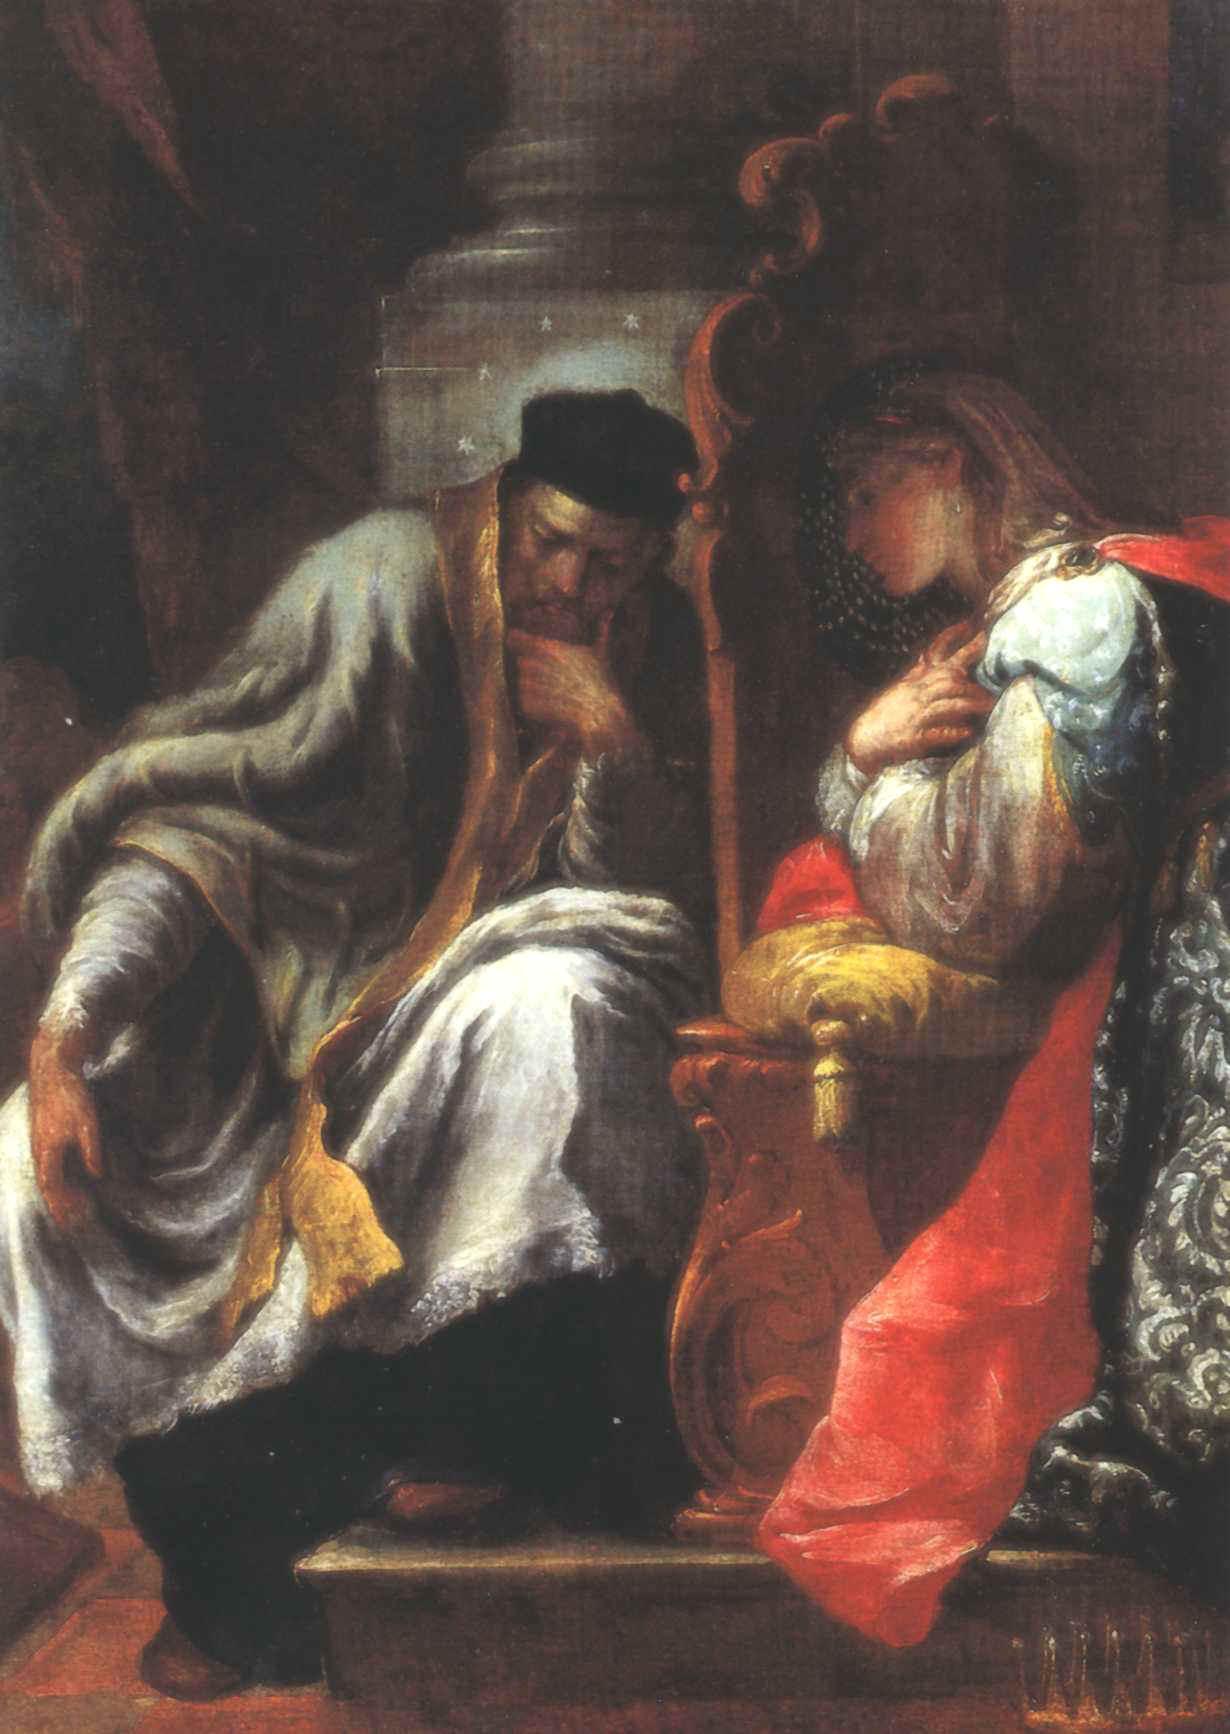 La storia di S. Giovanni Nepomuceno martire della confessione